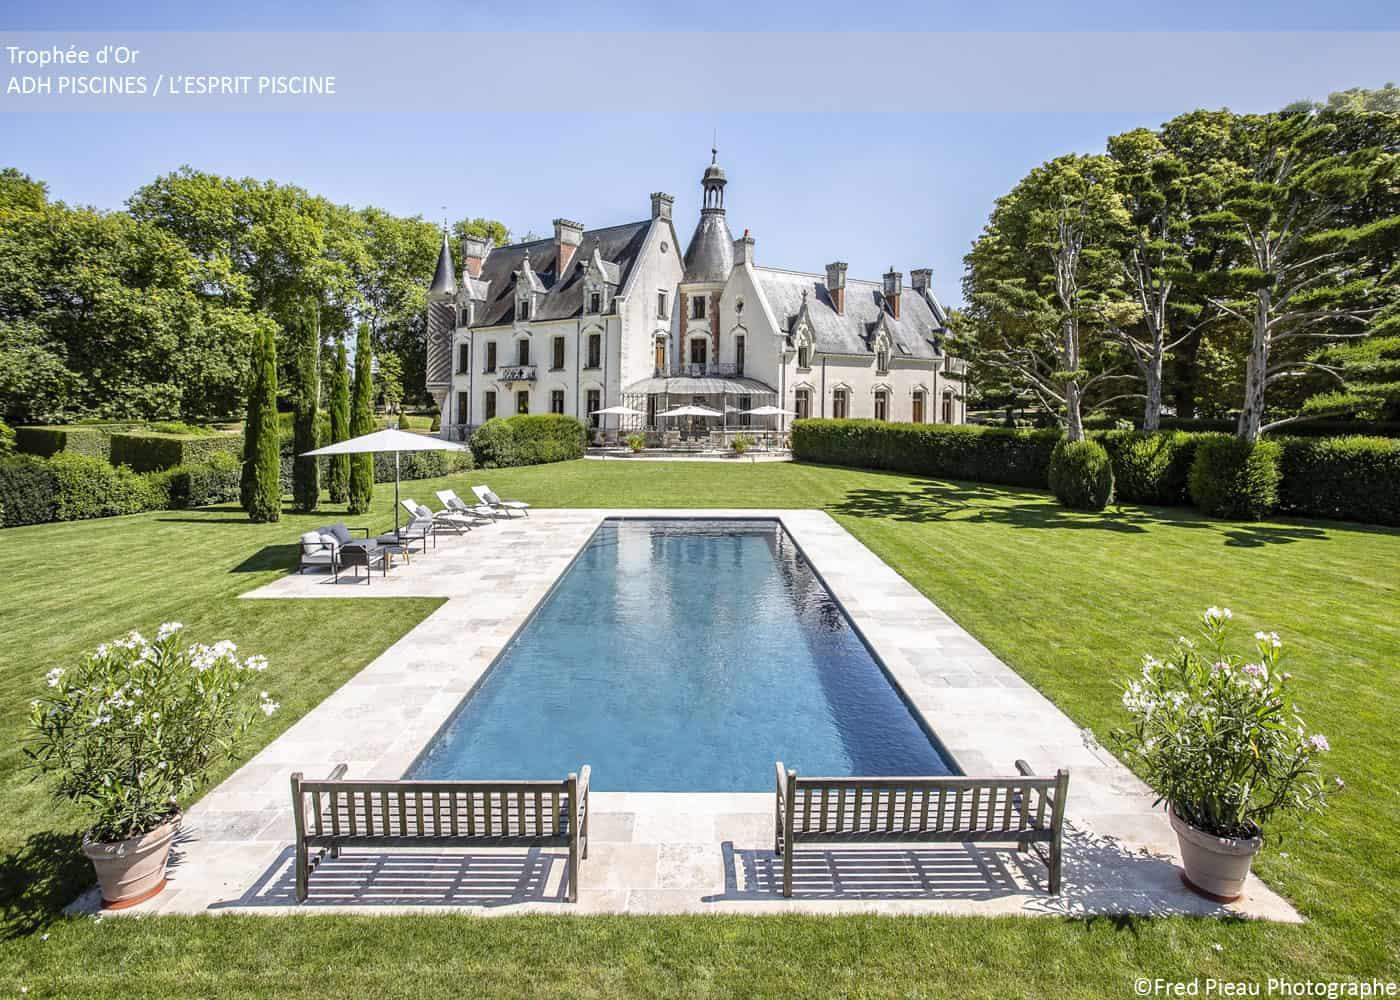 Découvrez les piscines lauréates, catégorie piscine familiale de forme angulaire, des Trophées de la Piscine et du Spa 2018